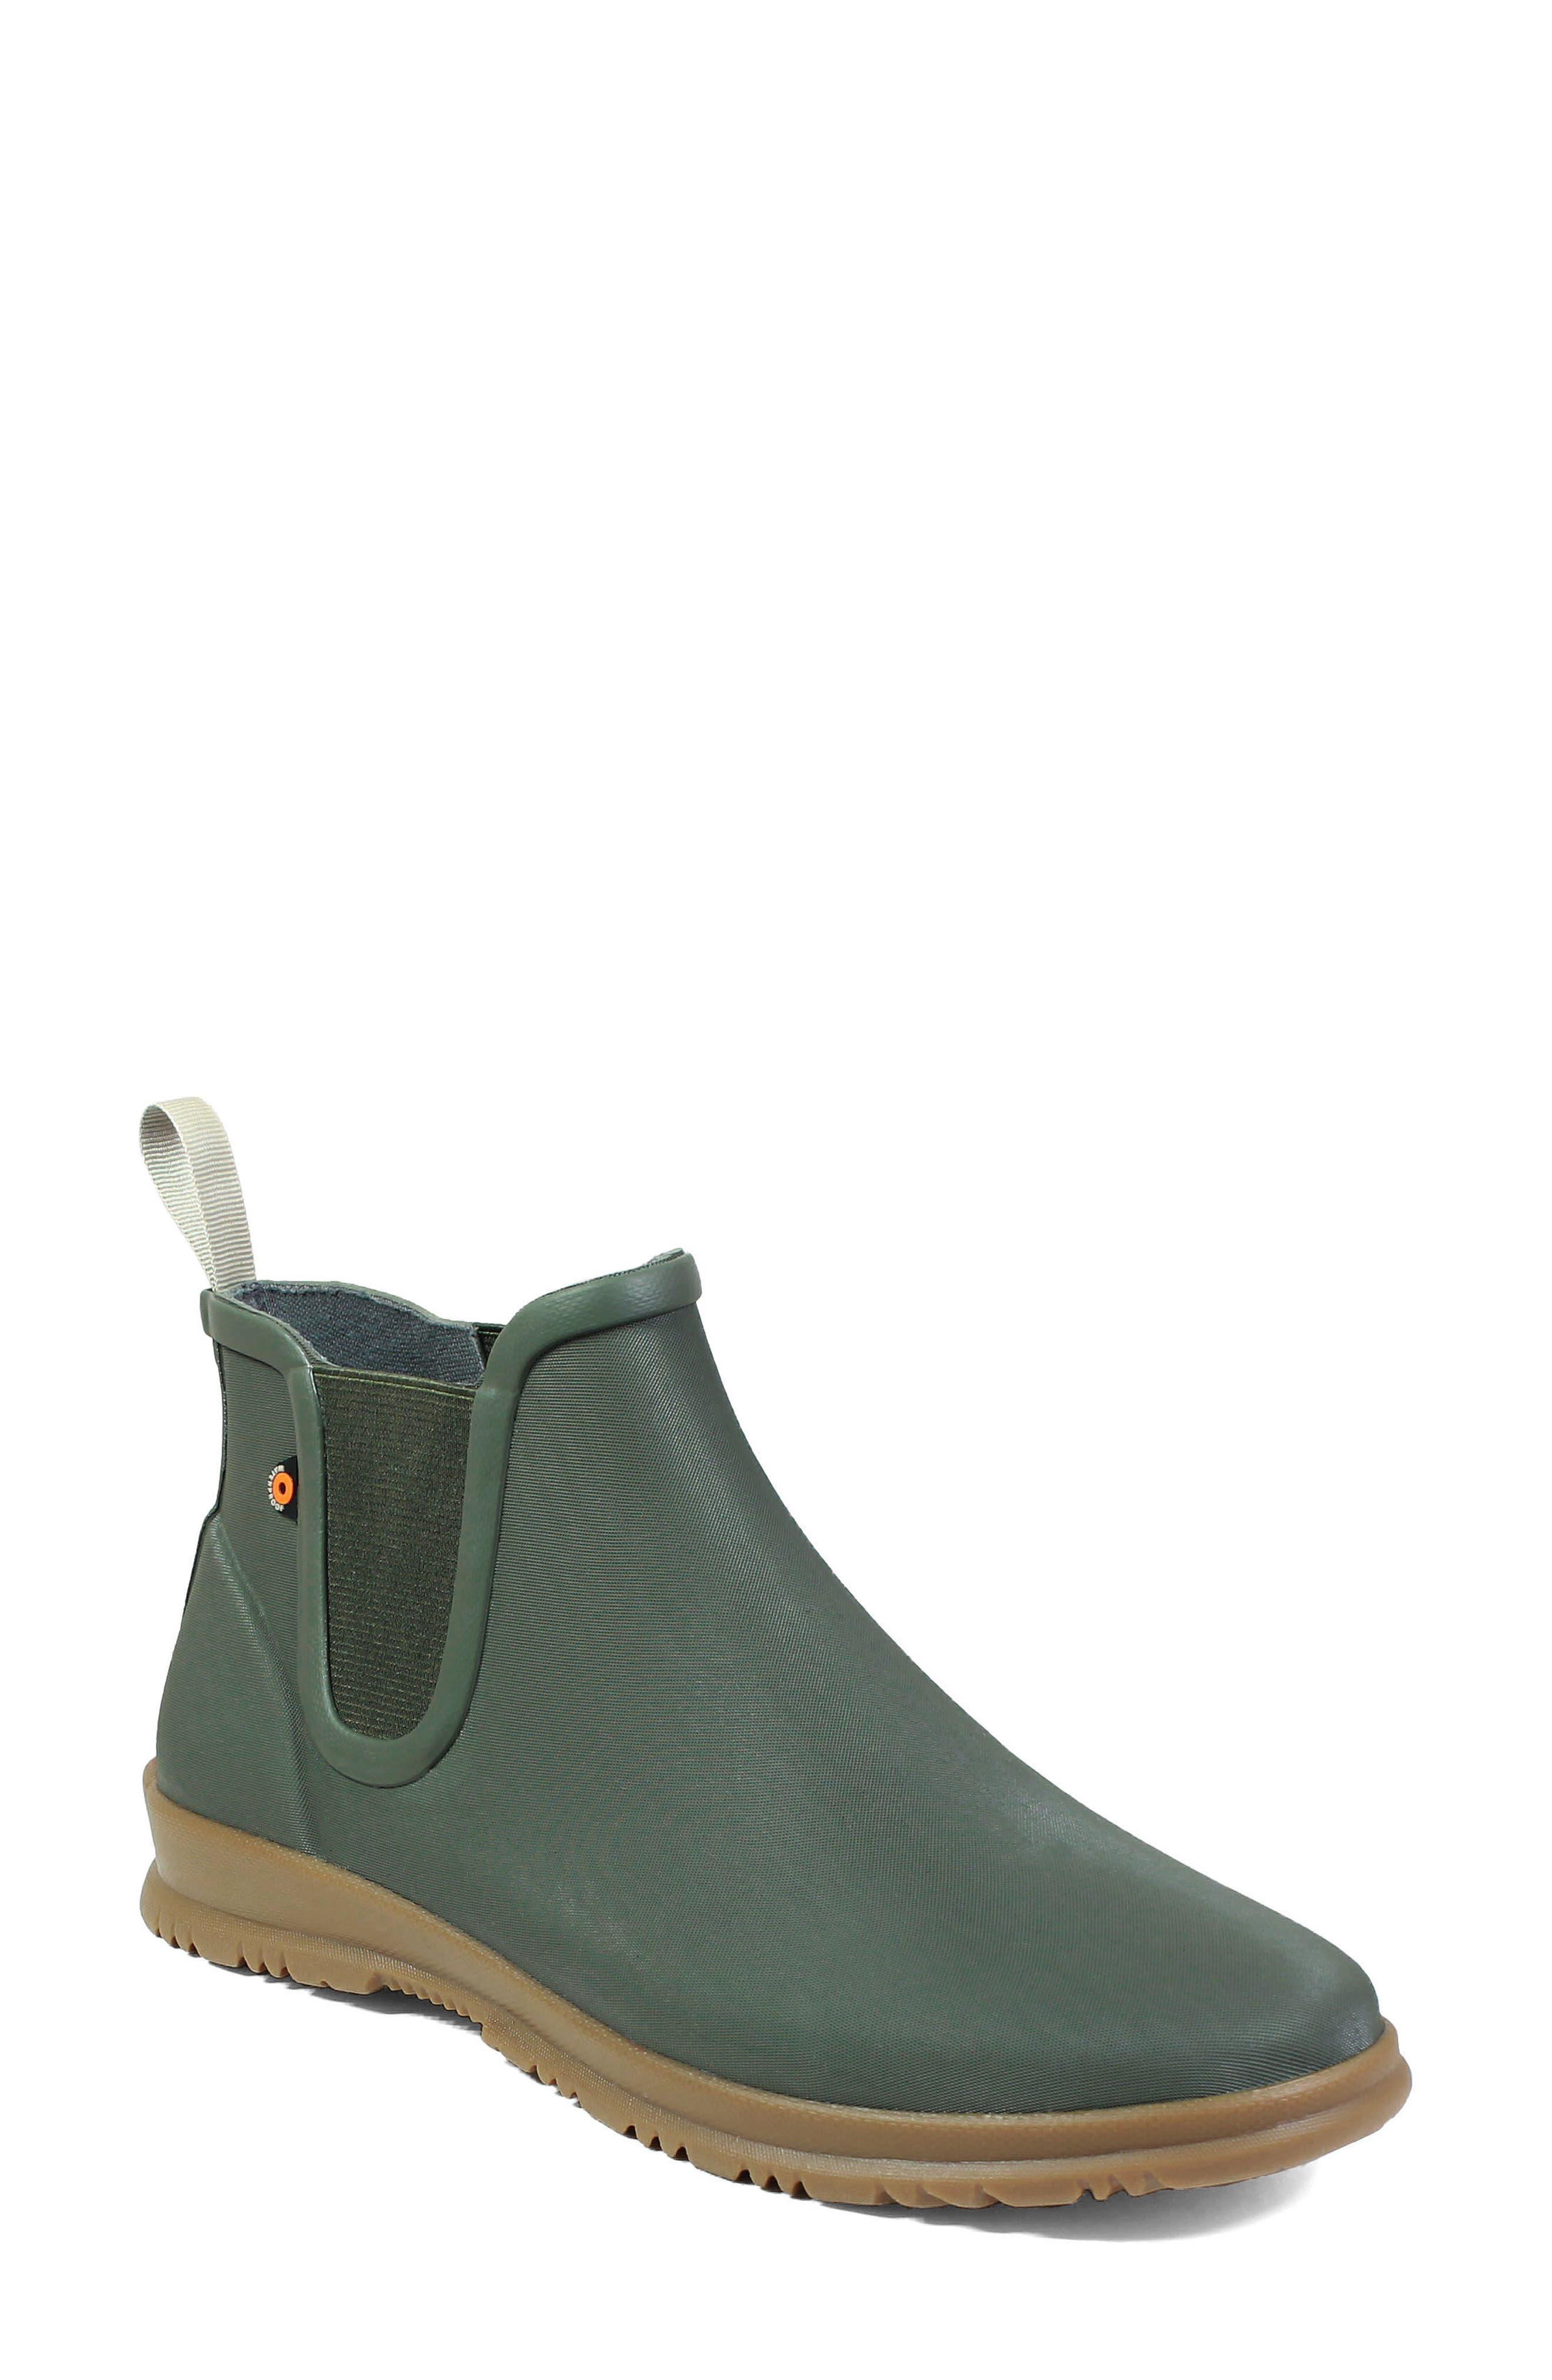 Bogs Sweetpea Rain Boot (Women)